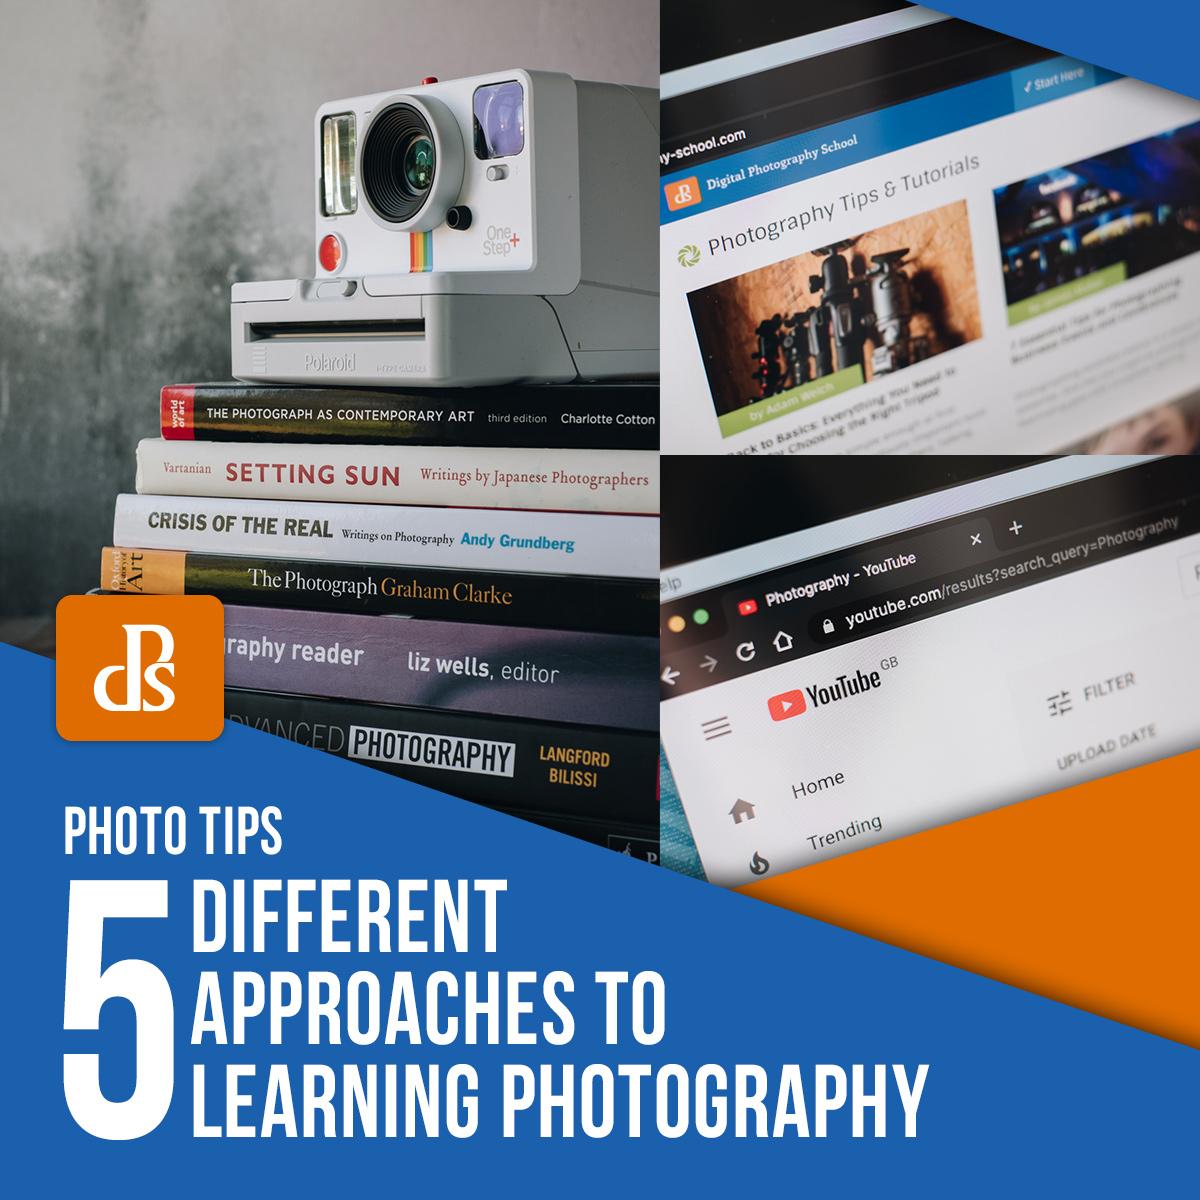 diferentes abordagens para aprender fotografia